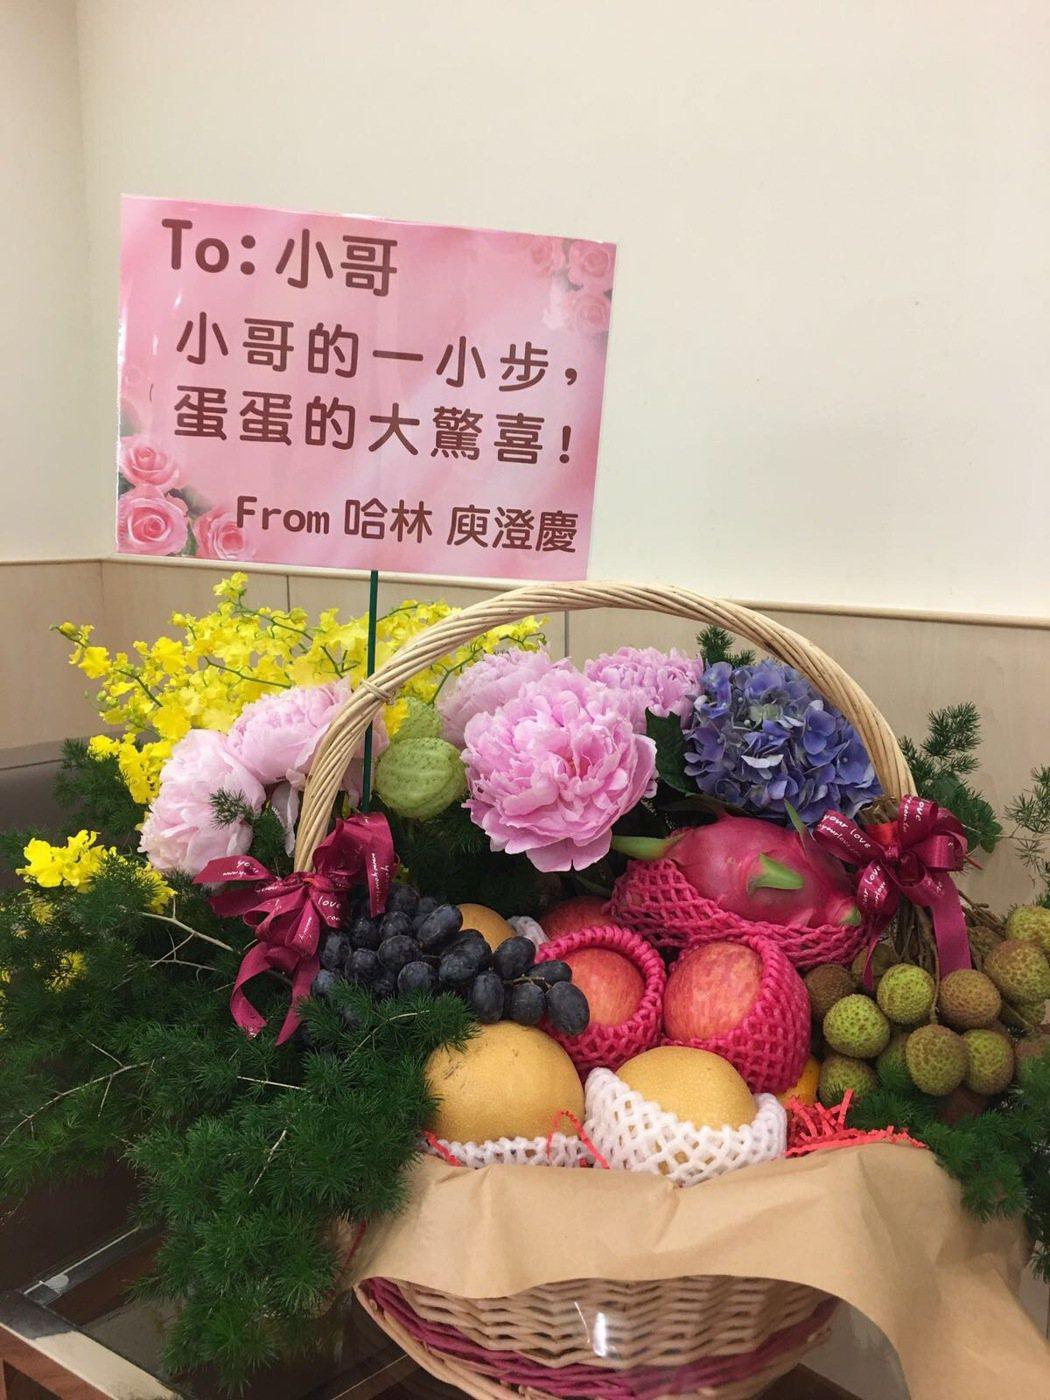 哈林送到費玉清休息室的花果。圖/寬宏提供